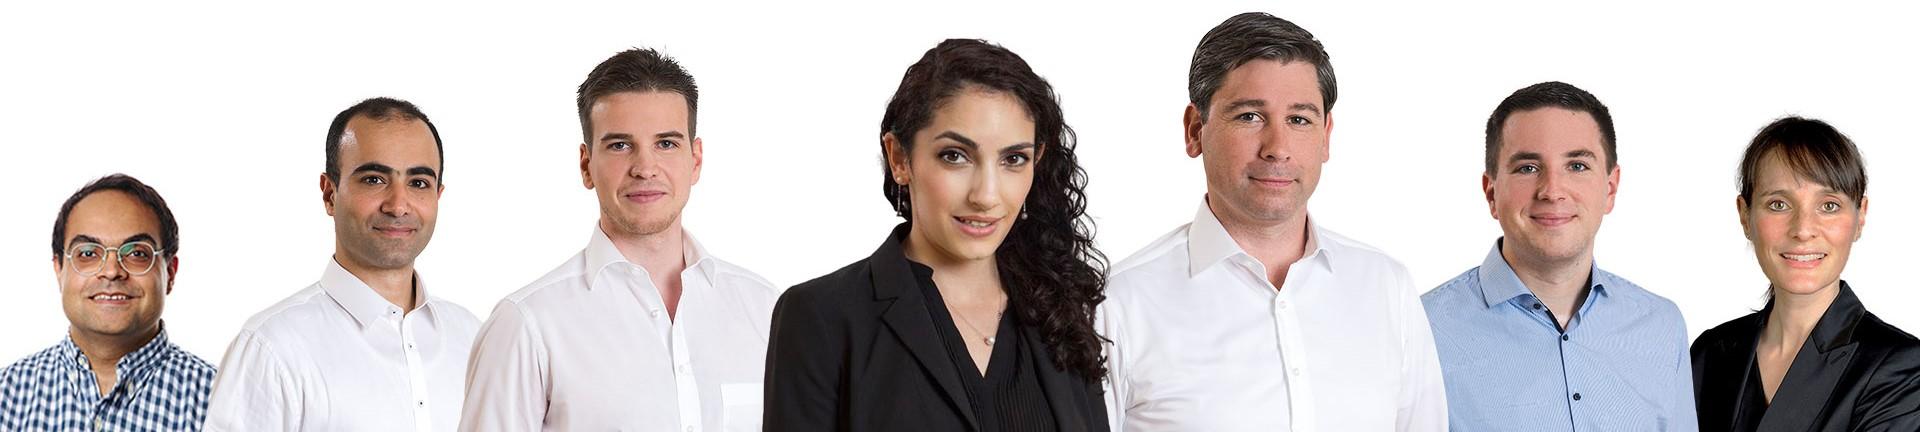 Teamfoto von eMentalist GmbH